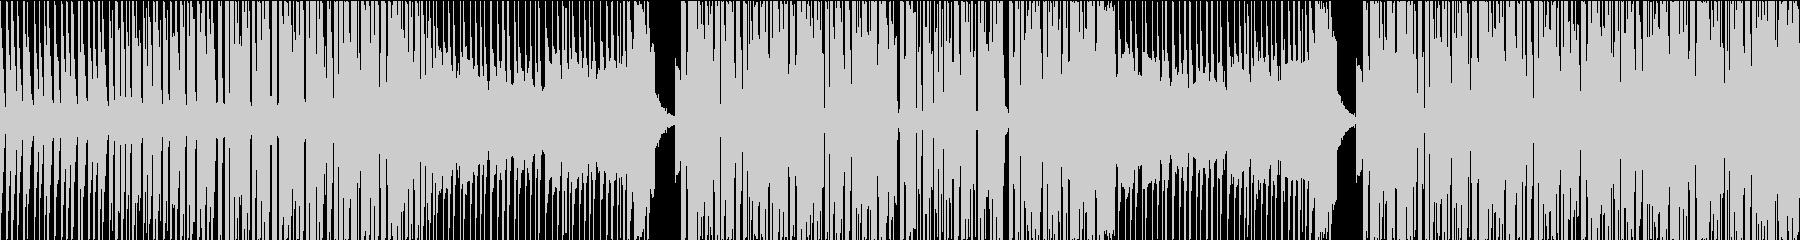 映像作品向きなシンセポップ(ループ用)の未再生の波形